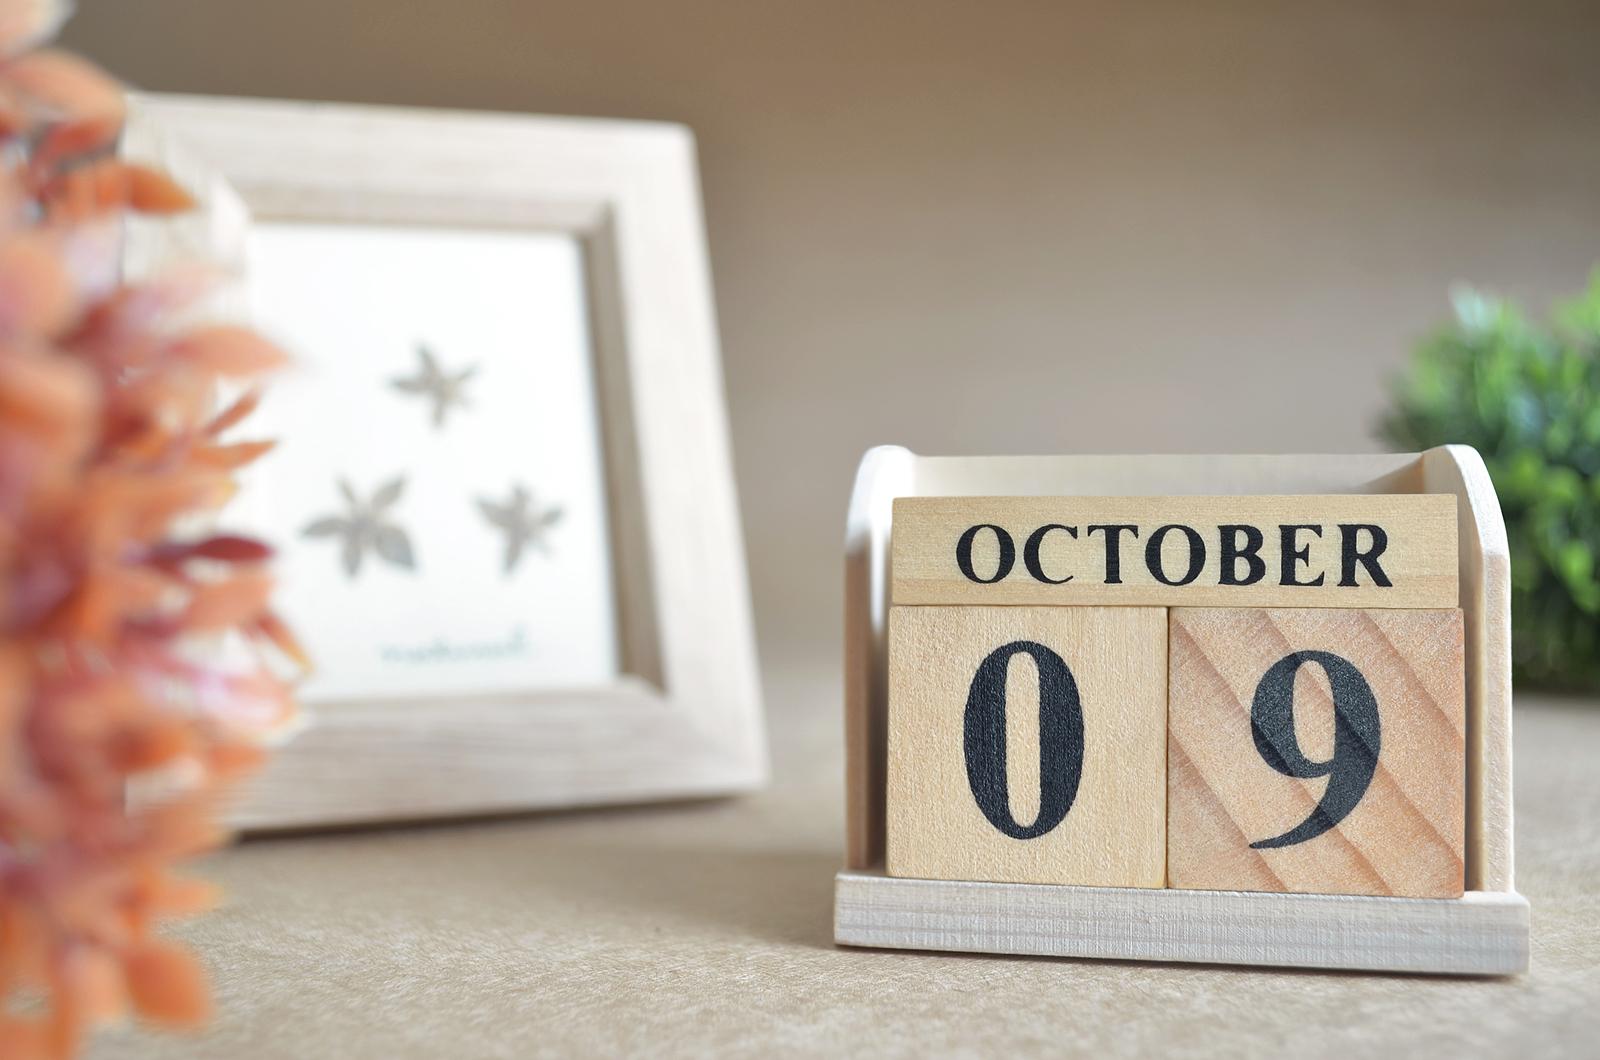 October 9, 2020: Art Shuttle Houston — New York